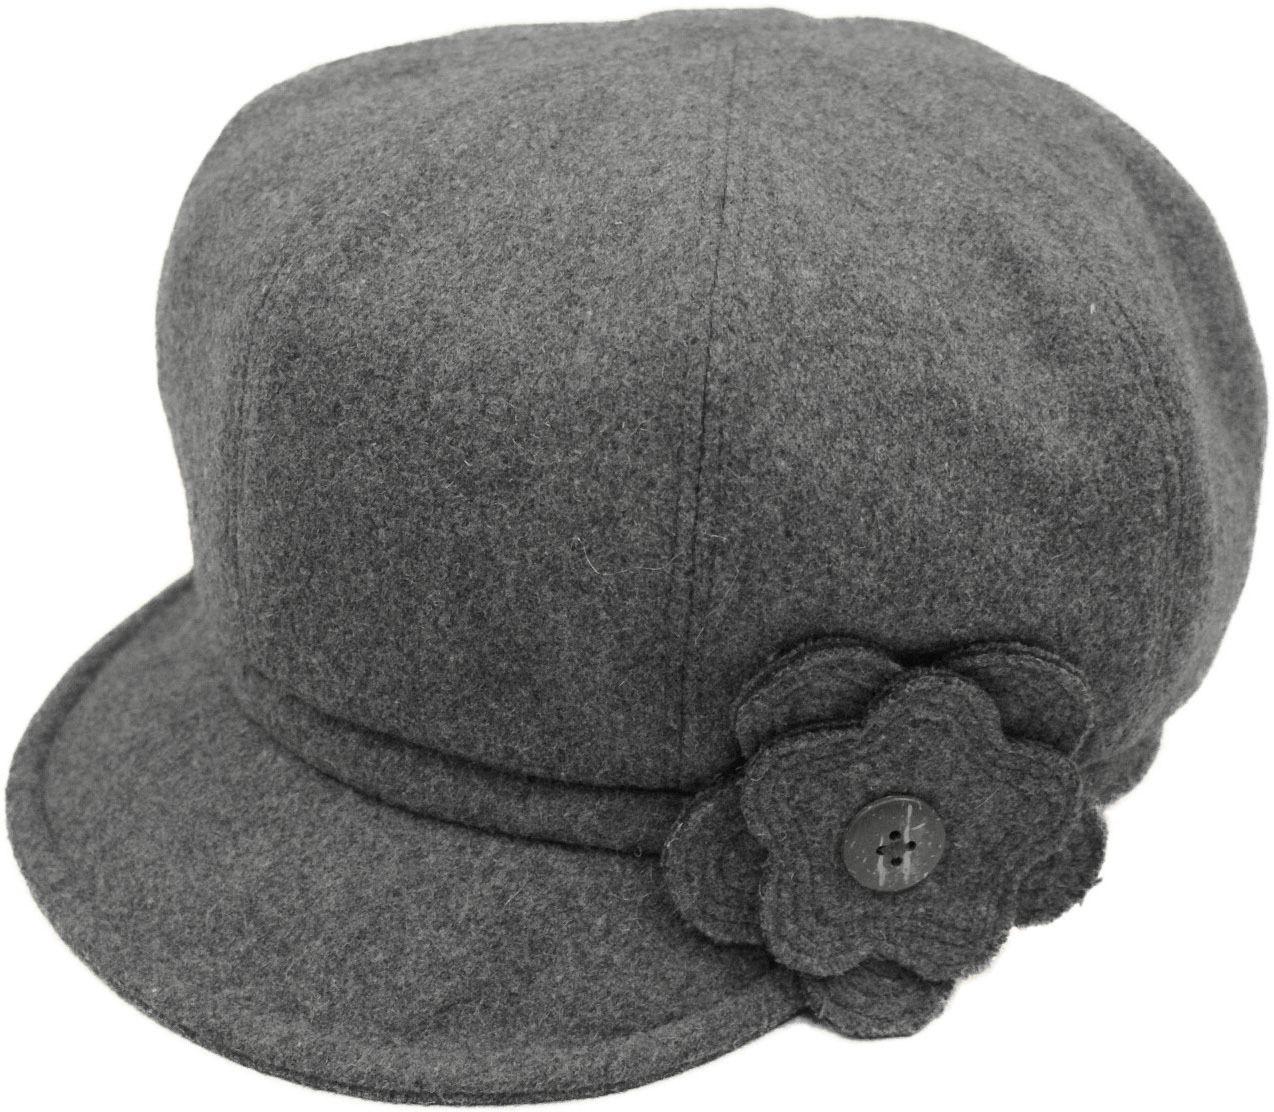 eae19101g_chapeau-casquette-pin-up-40-s-50-s-retro-rockabilly-gaby-gris